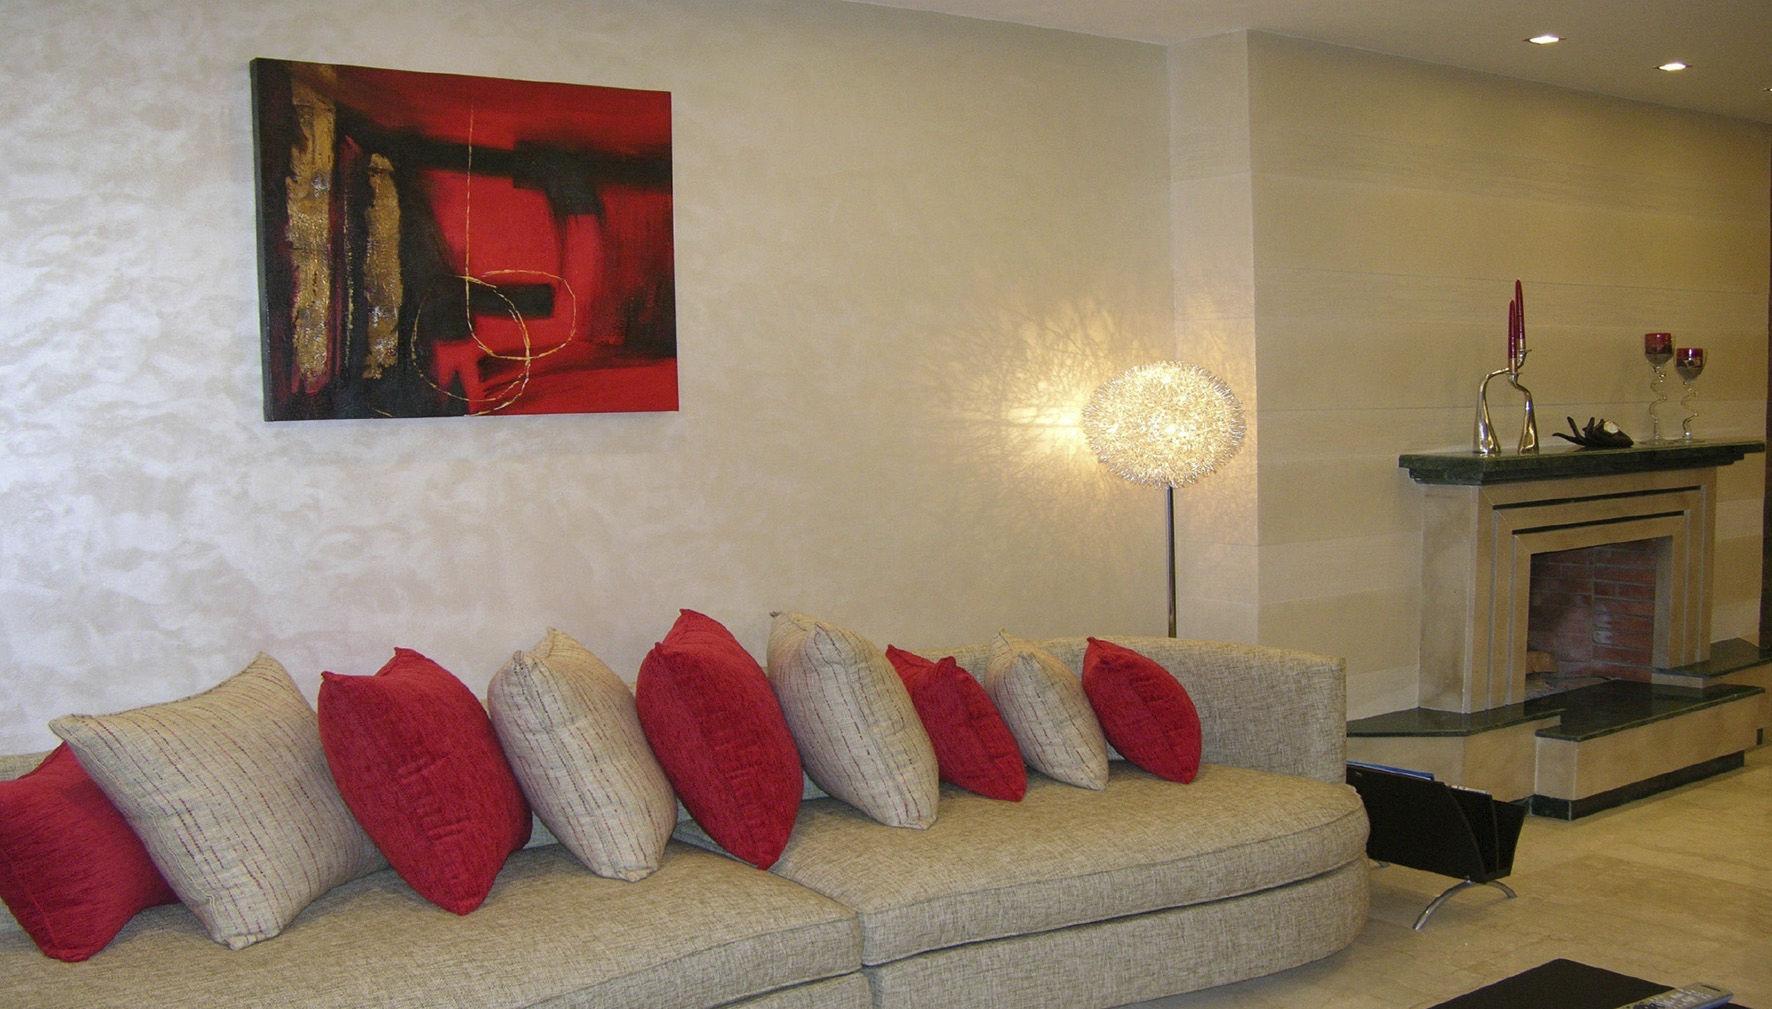 Pittura decorativa / per muro / interno / acrilica ...